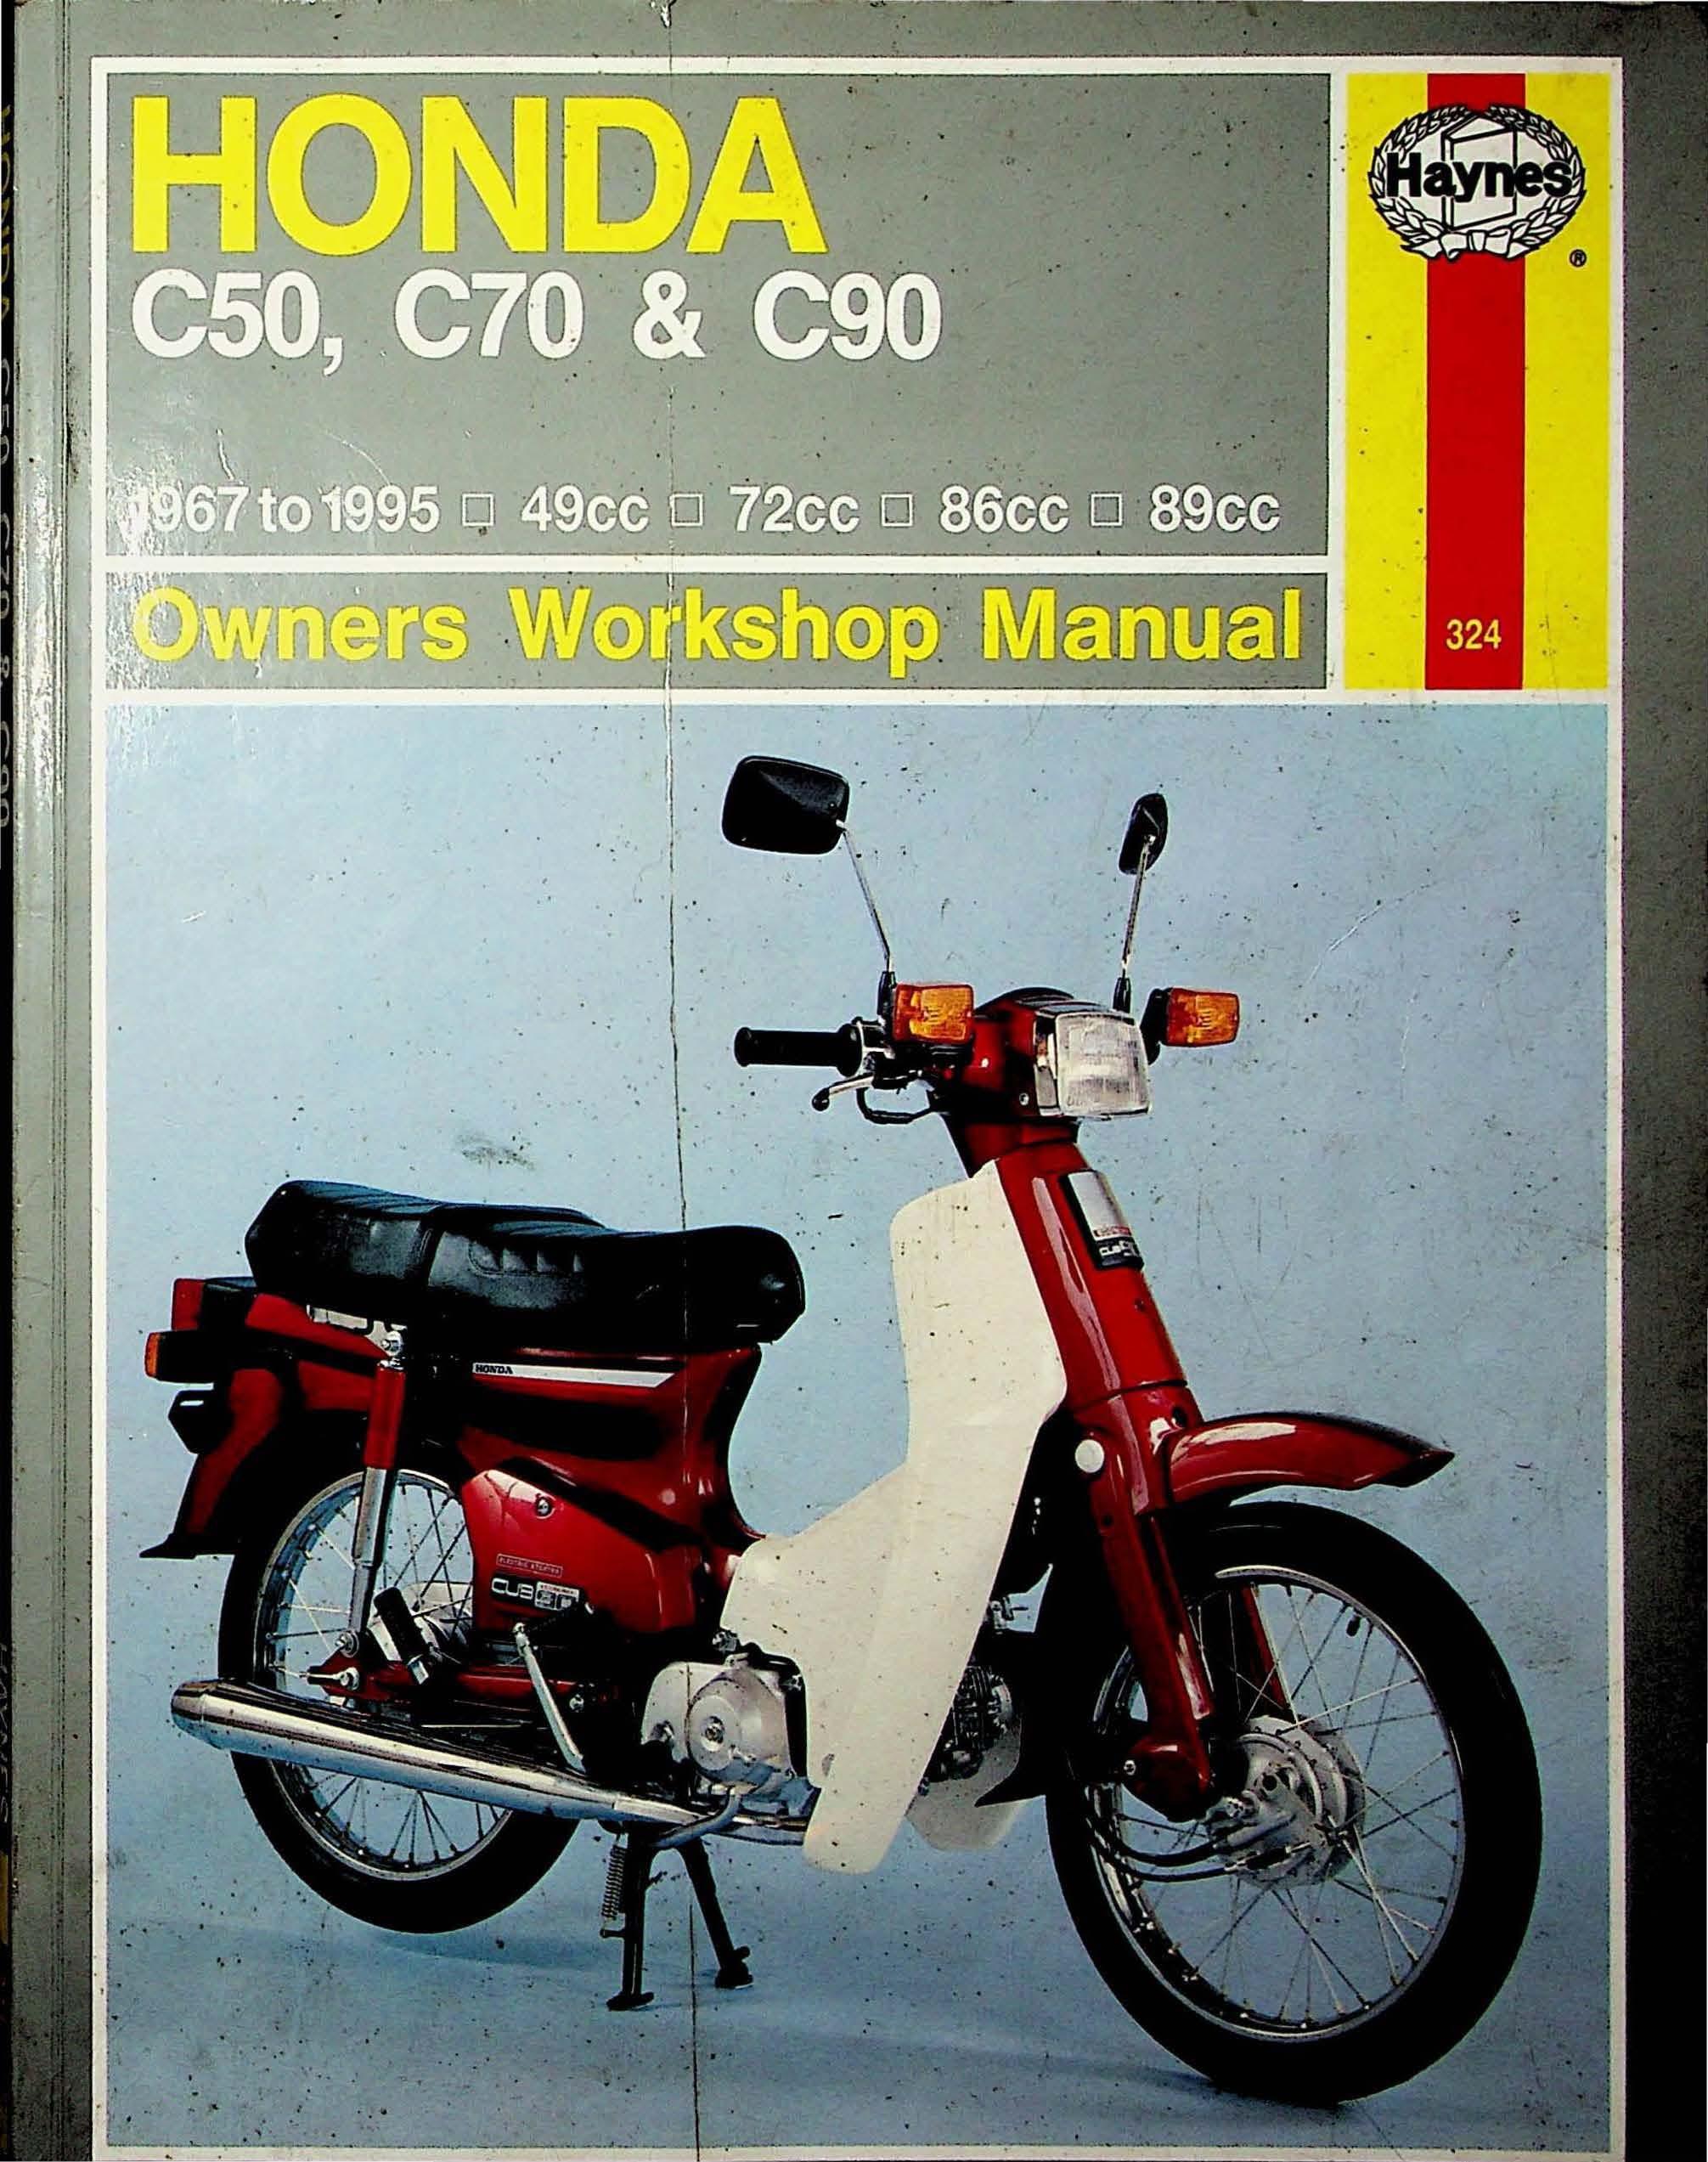 Workshop manual for Honda C50 (1967-1995)